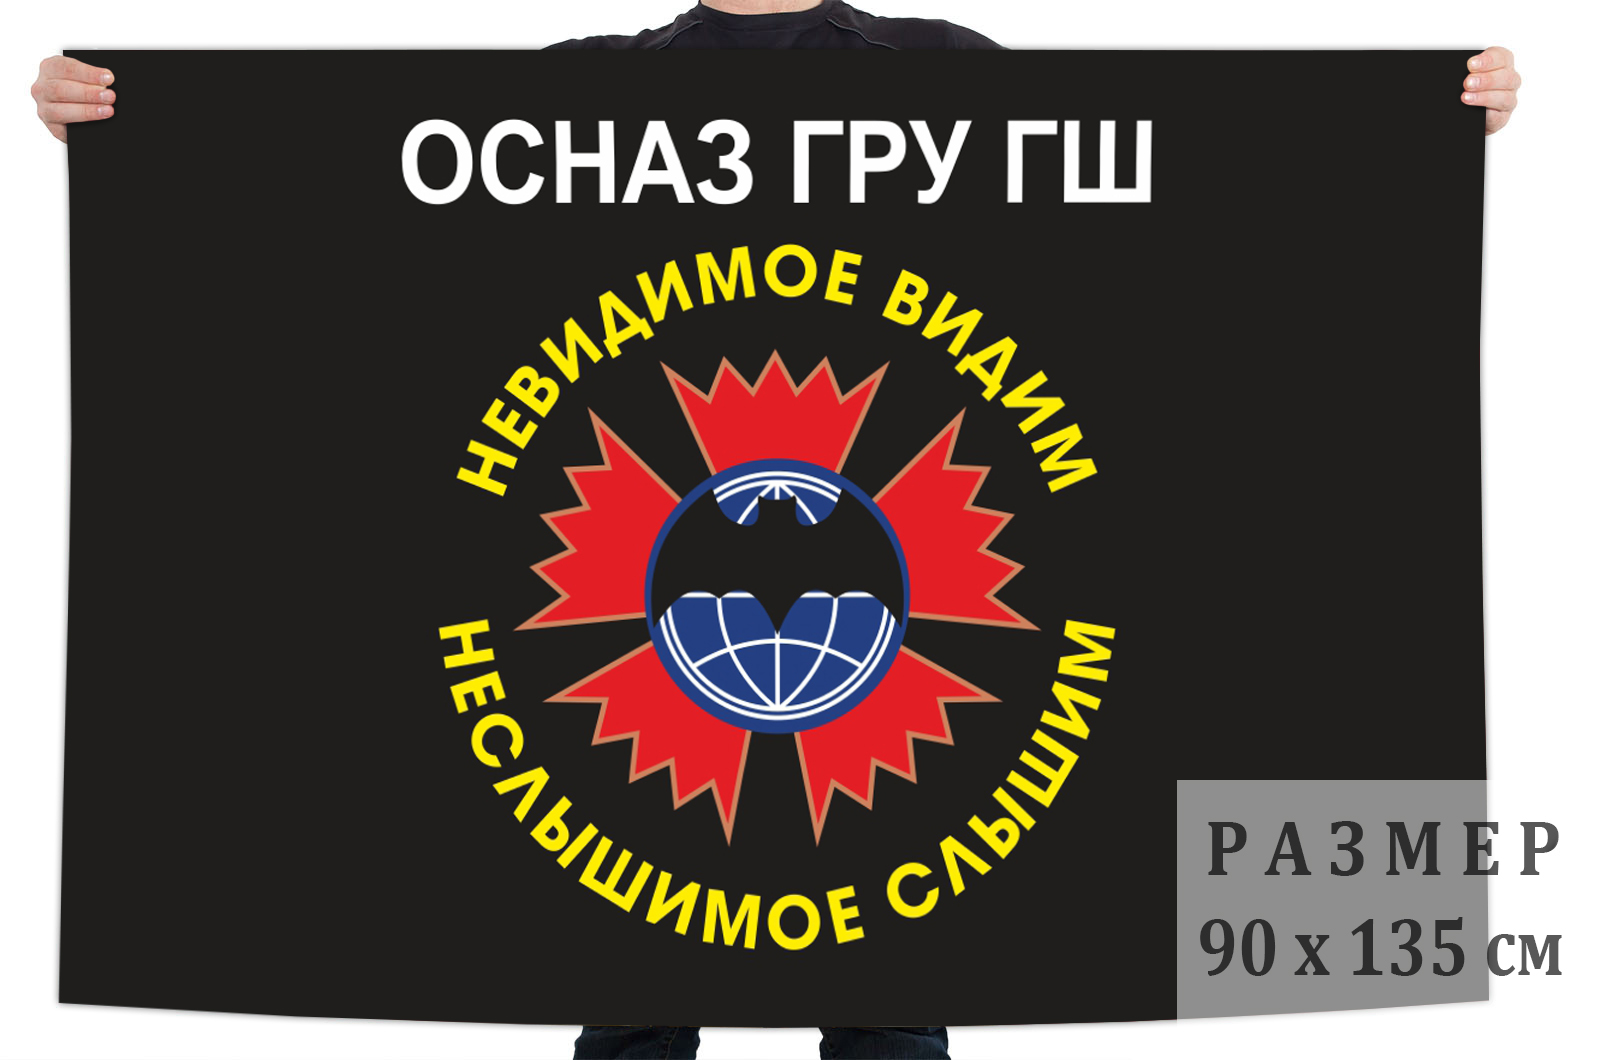 Флаг радиоразведчиков ОсНаз ГРУ ГШ